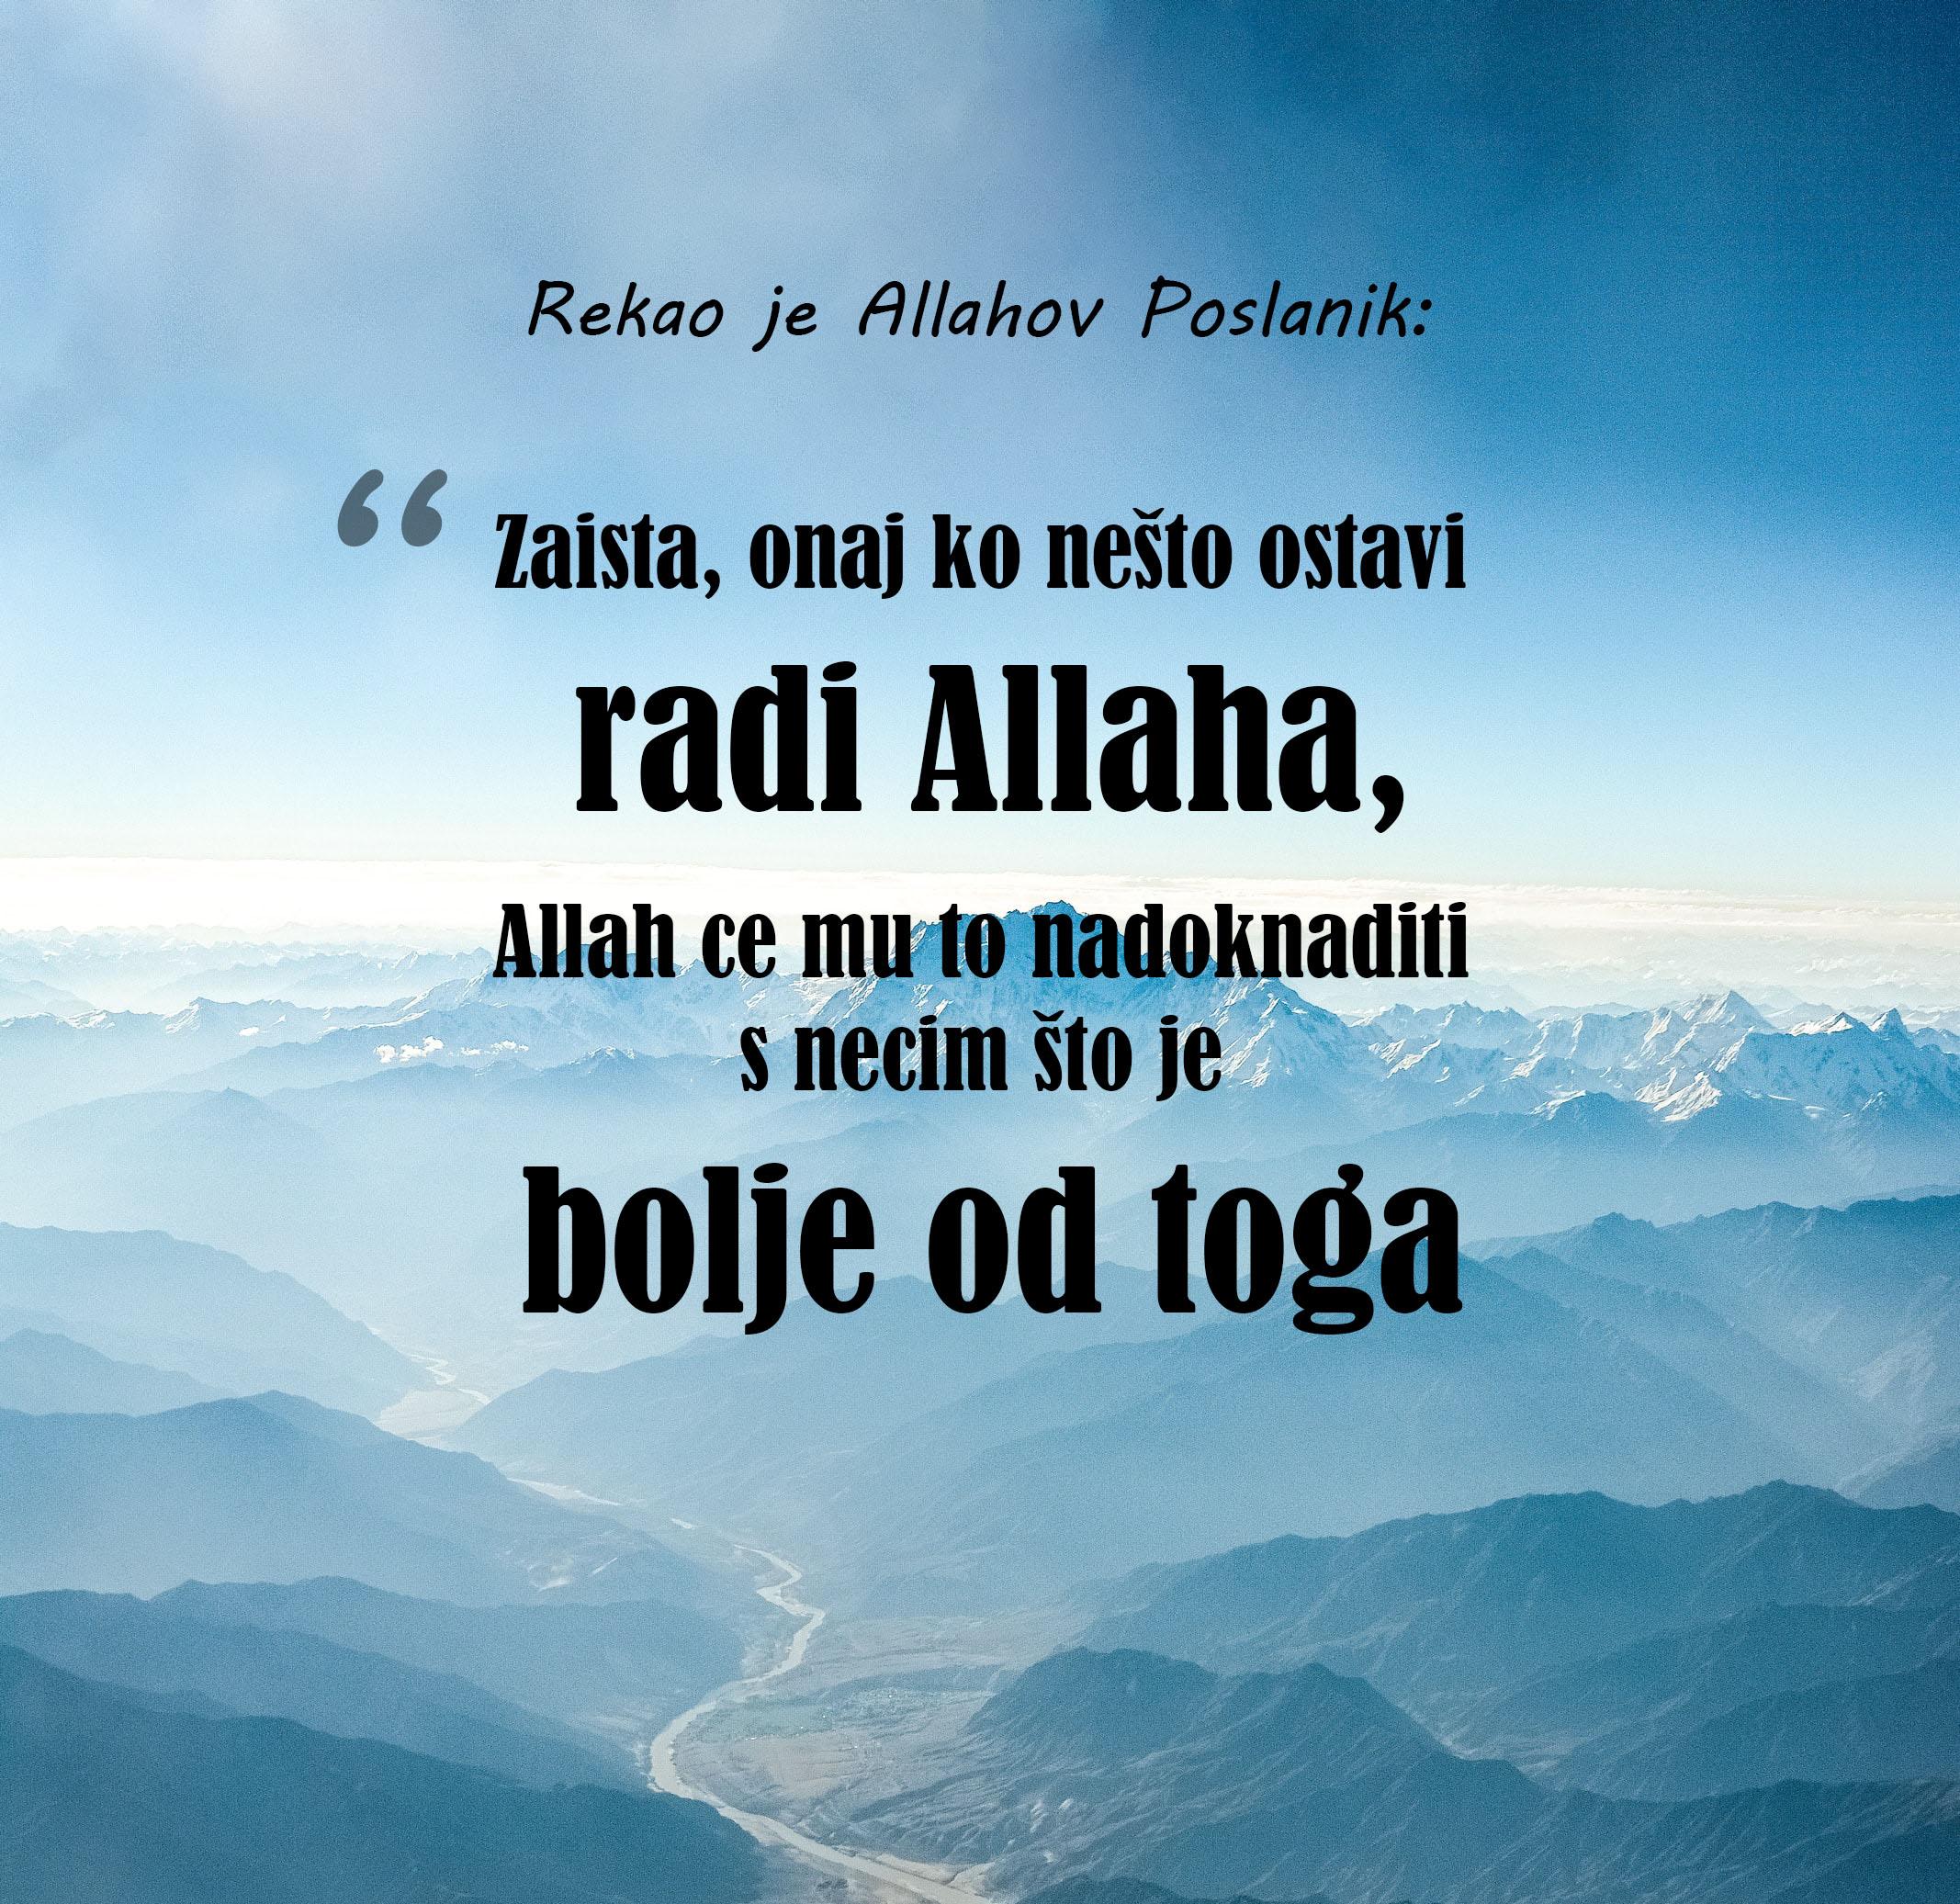 ostavljanje grijeha radi Allaha